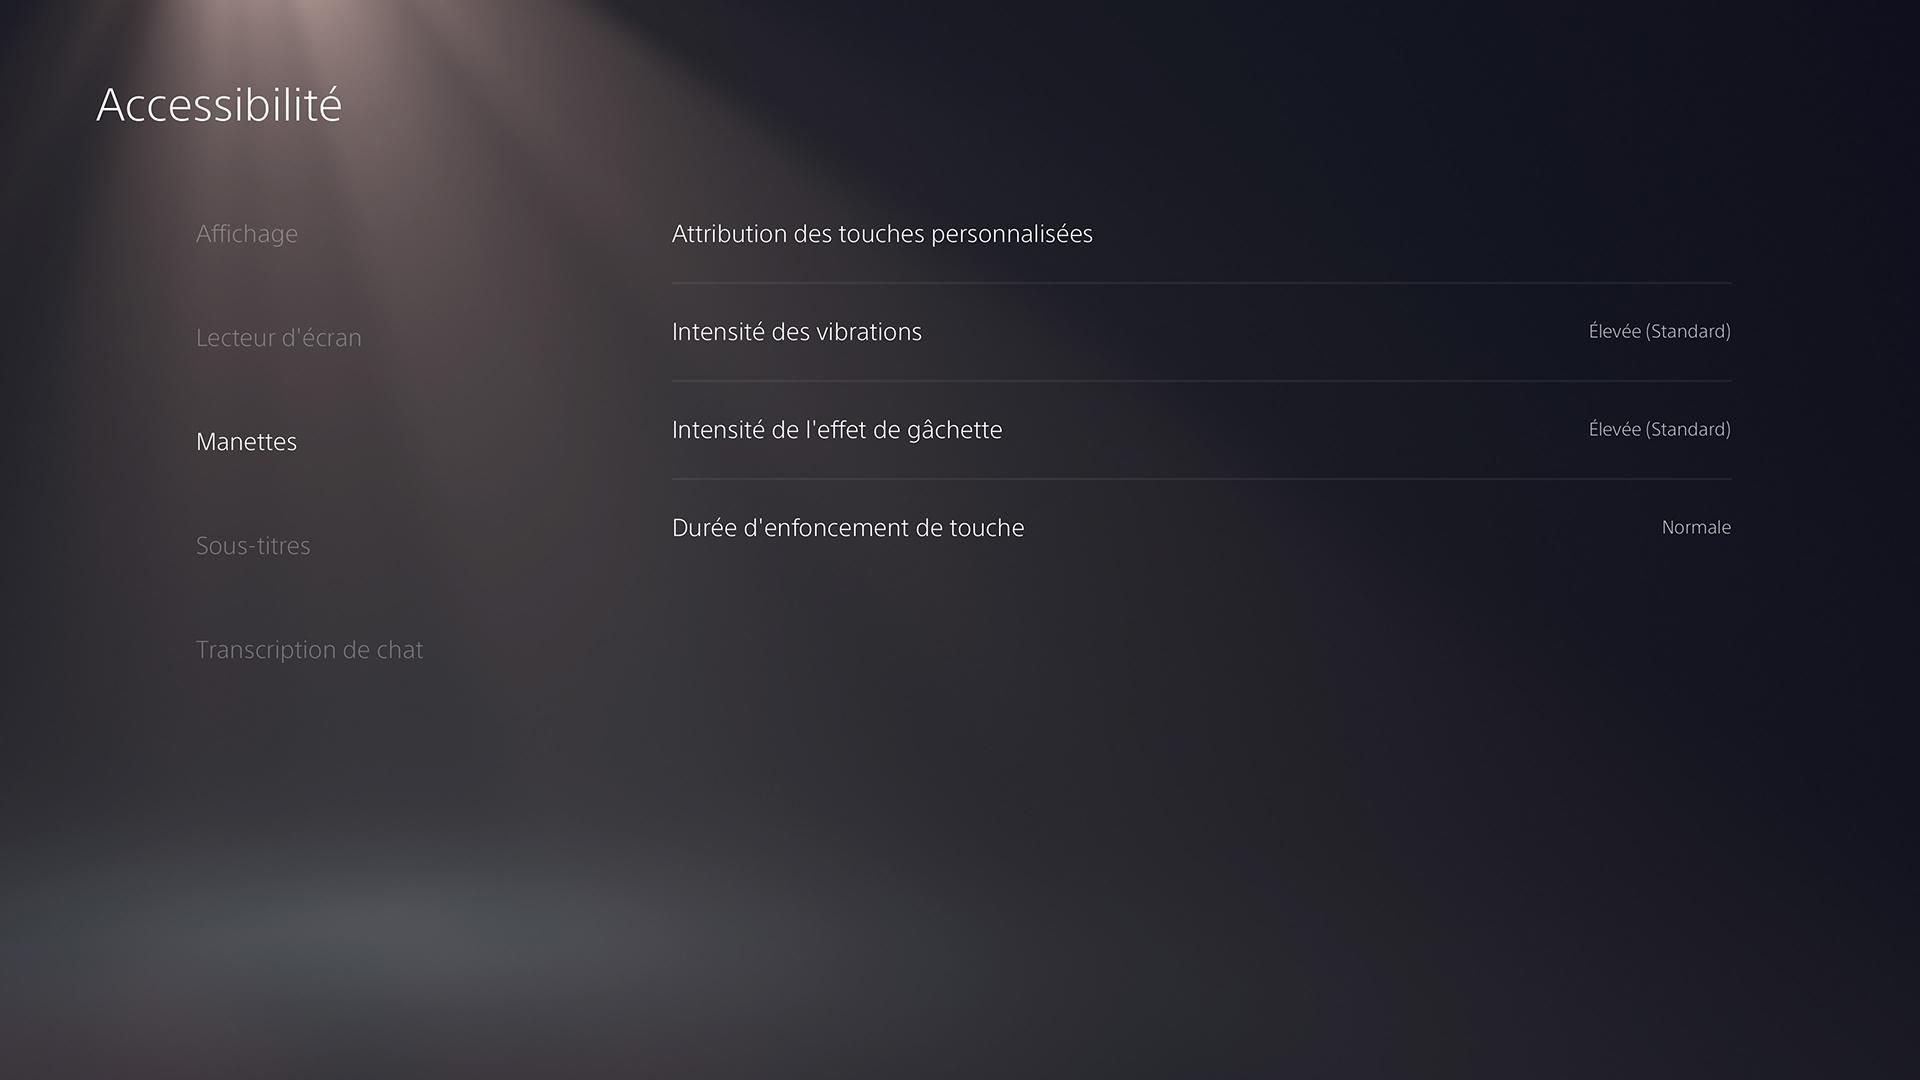 Accessibilité PS5